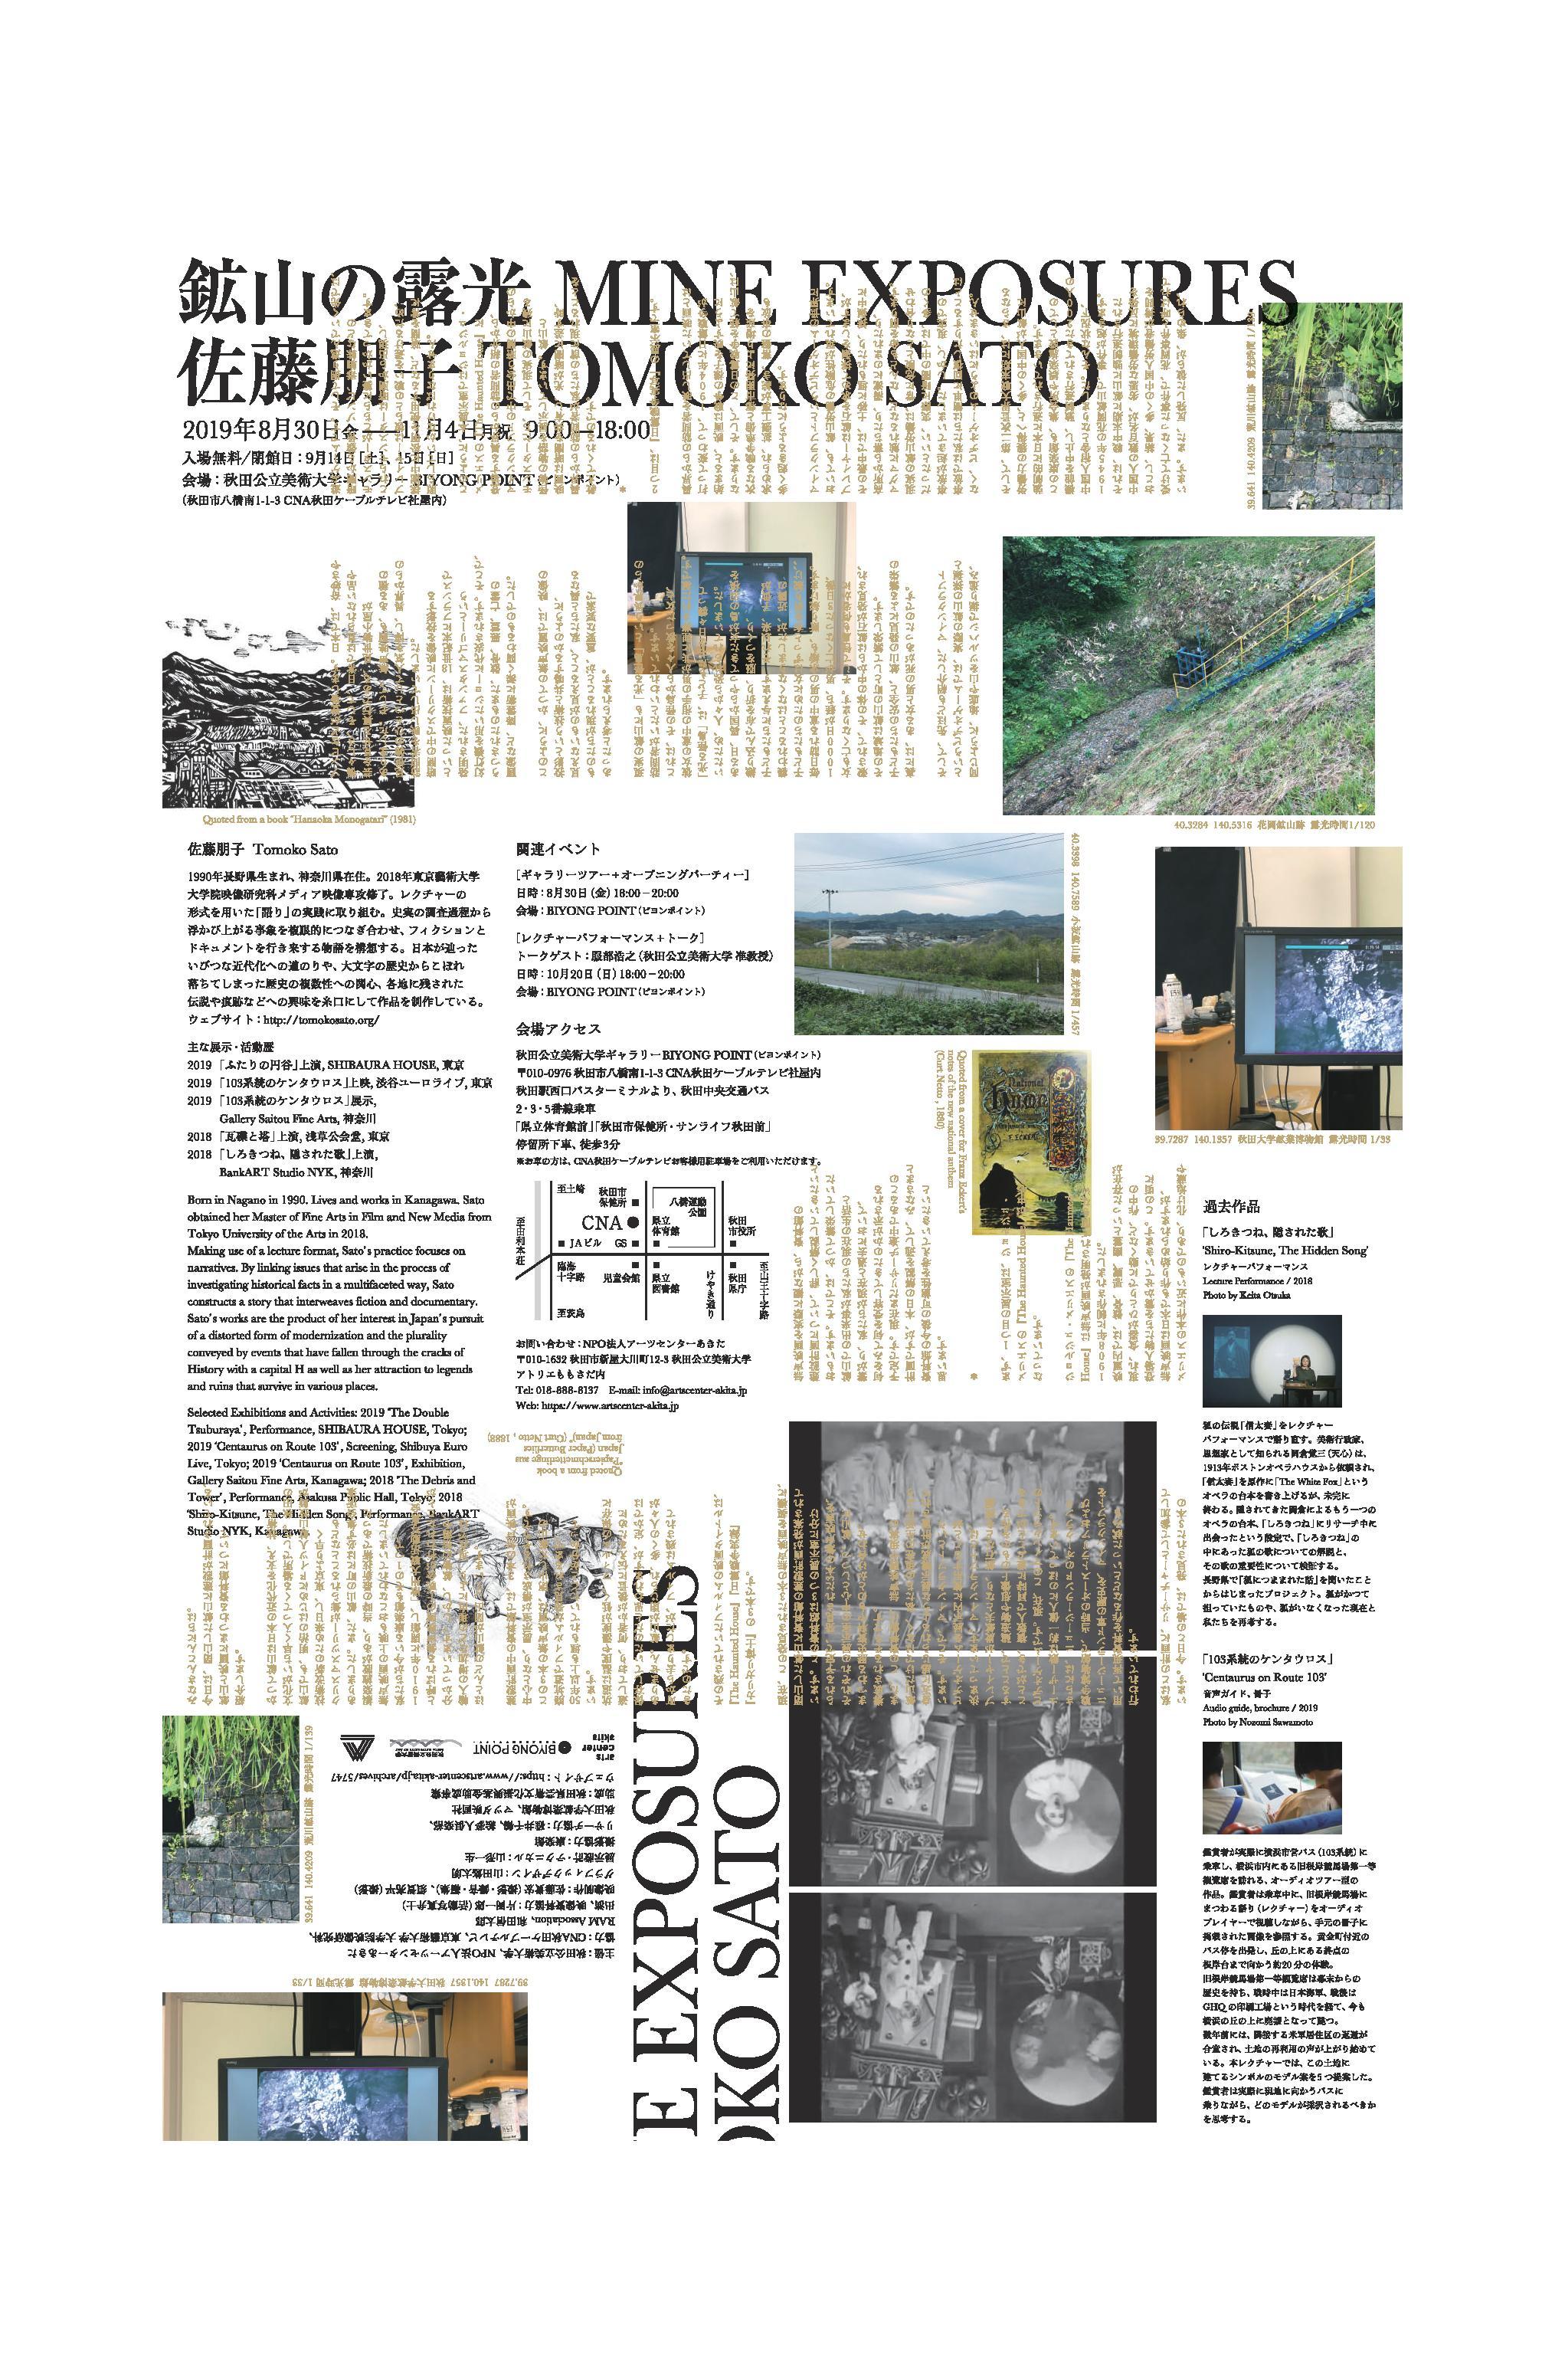 佐藤朋子展「MINE EXPOSURES / 鉱山の露光」